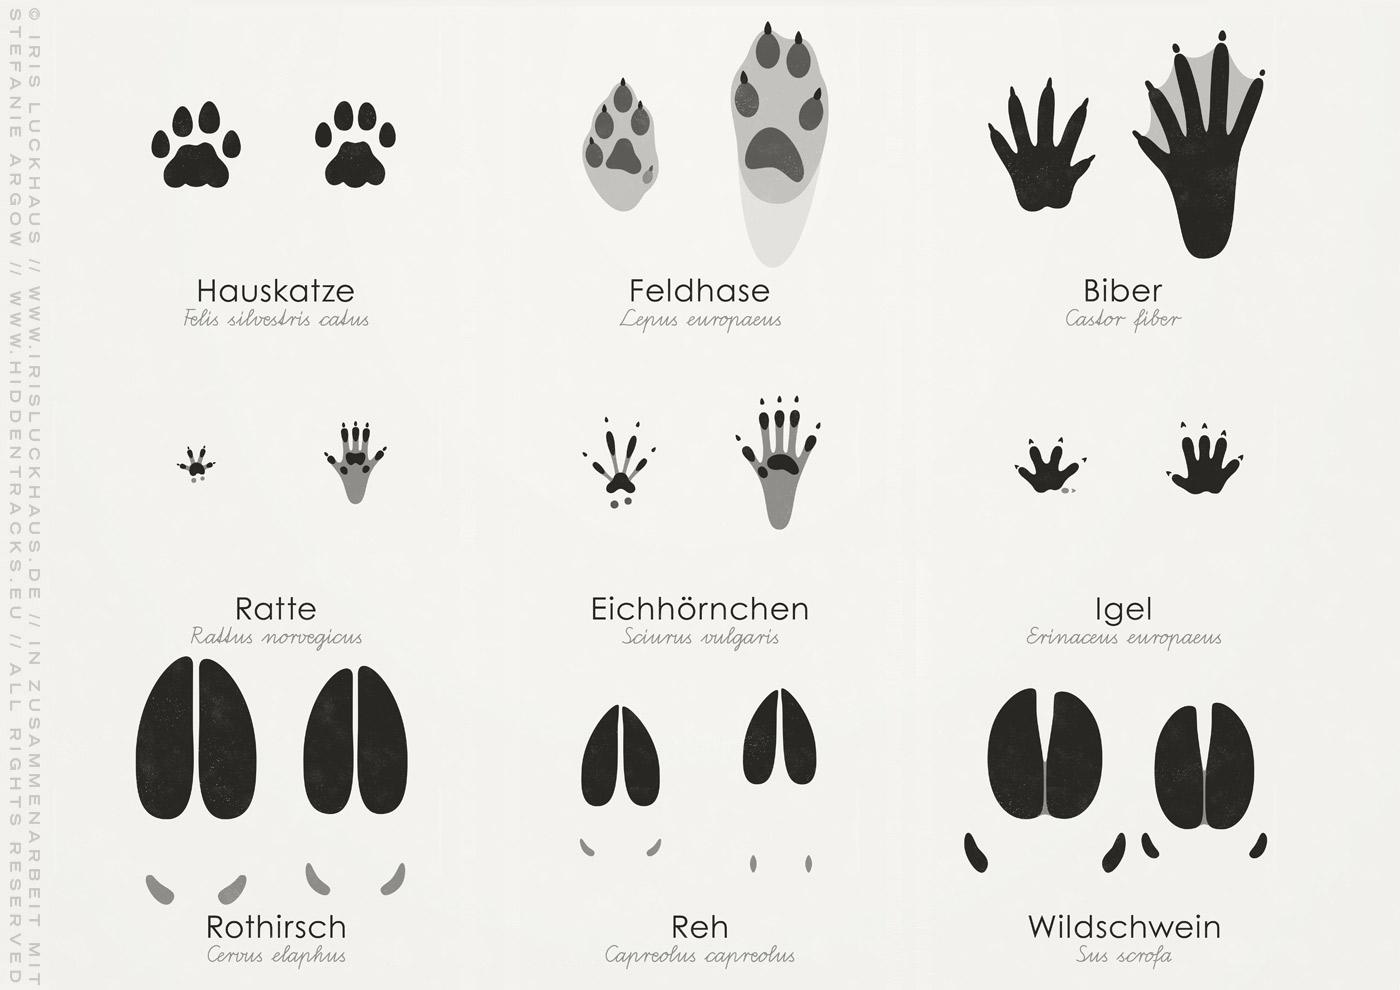 Poster mit Infografik oder Schautafel zum Bestimmen von Tierspuren und Trittsiegeln der Abdrücke von Füßen, Pfoten und Hufen von Biber, Dachs, Eichhörnchen, Hase, Hund, Katze, Igel, Reh, Fuchs, Rothirsch, Marder, Ratte, Waschbär, Wildschwein und Wolf von Iris Luckhaus in Zusammenarbeit mit Stefanie Argow von Hidden Tracks